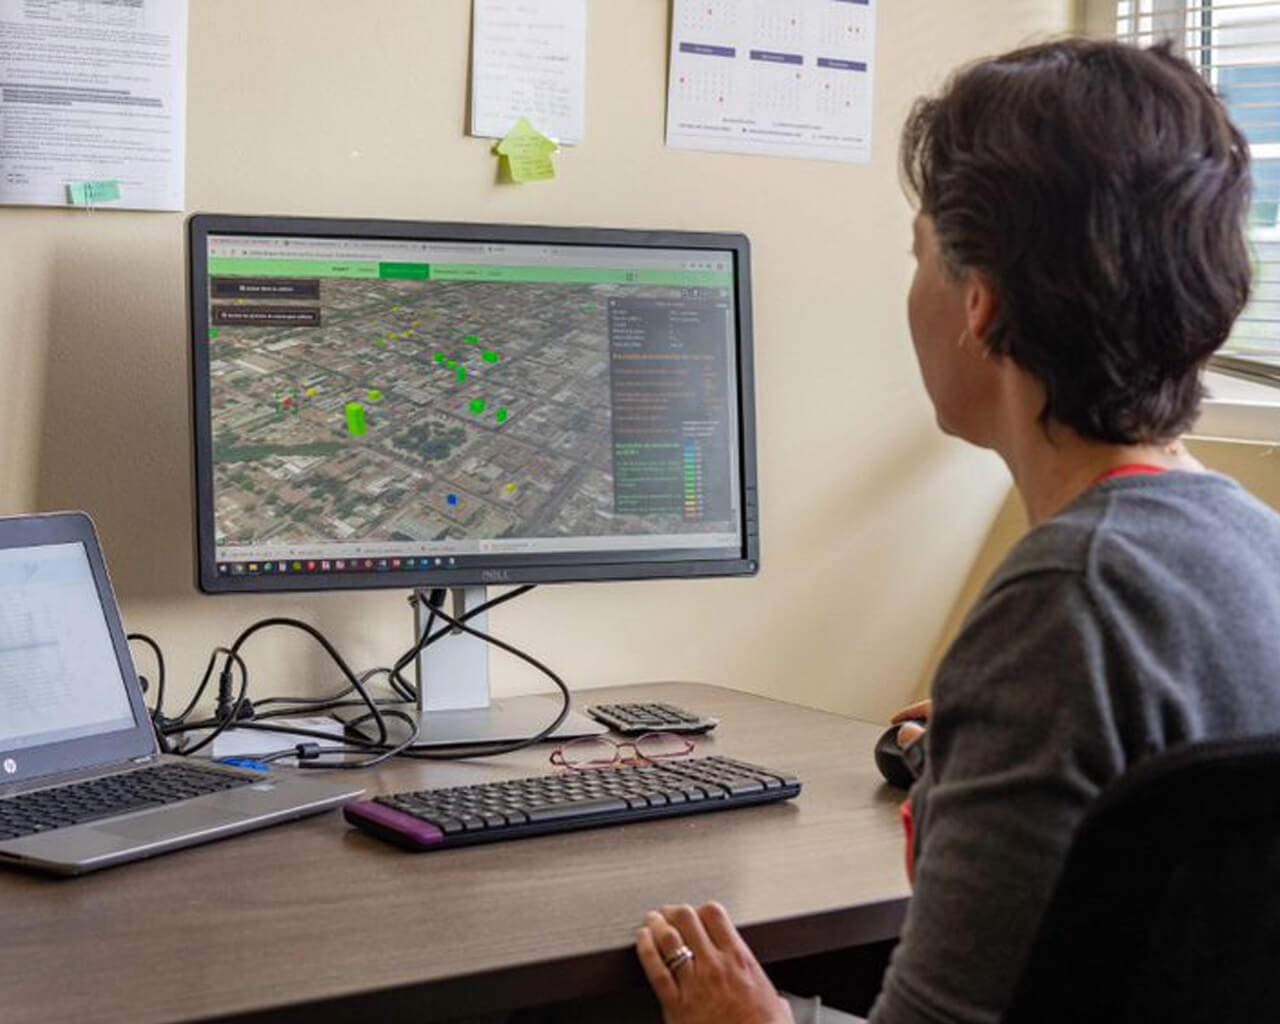 UTalca midió eficiencia energética en 300 edificios y el 90% no cumple estándares mínimos